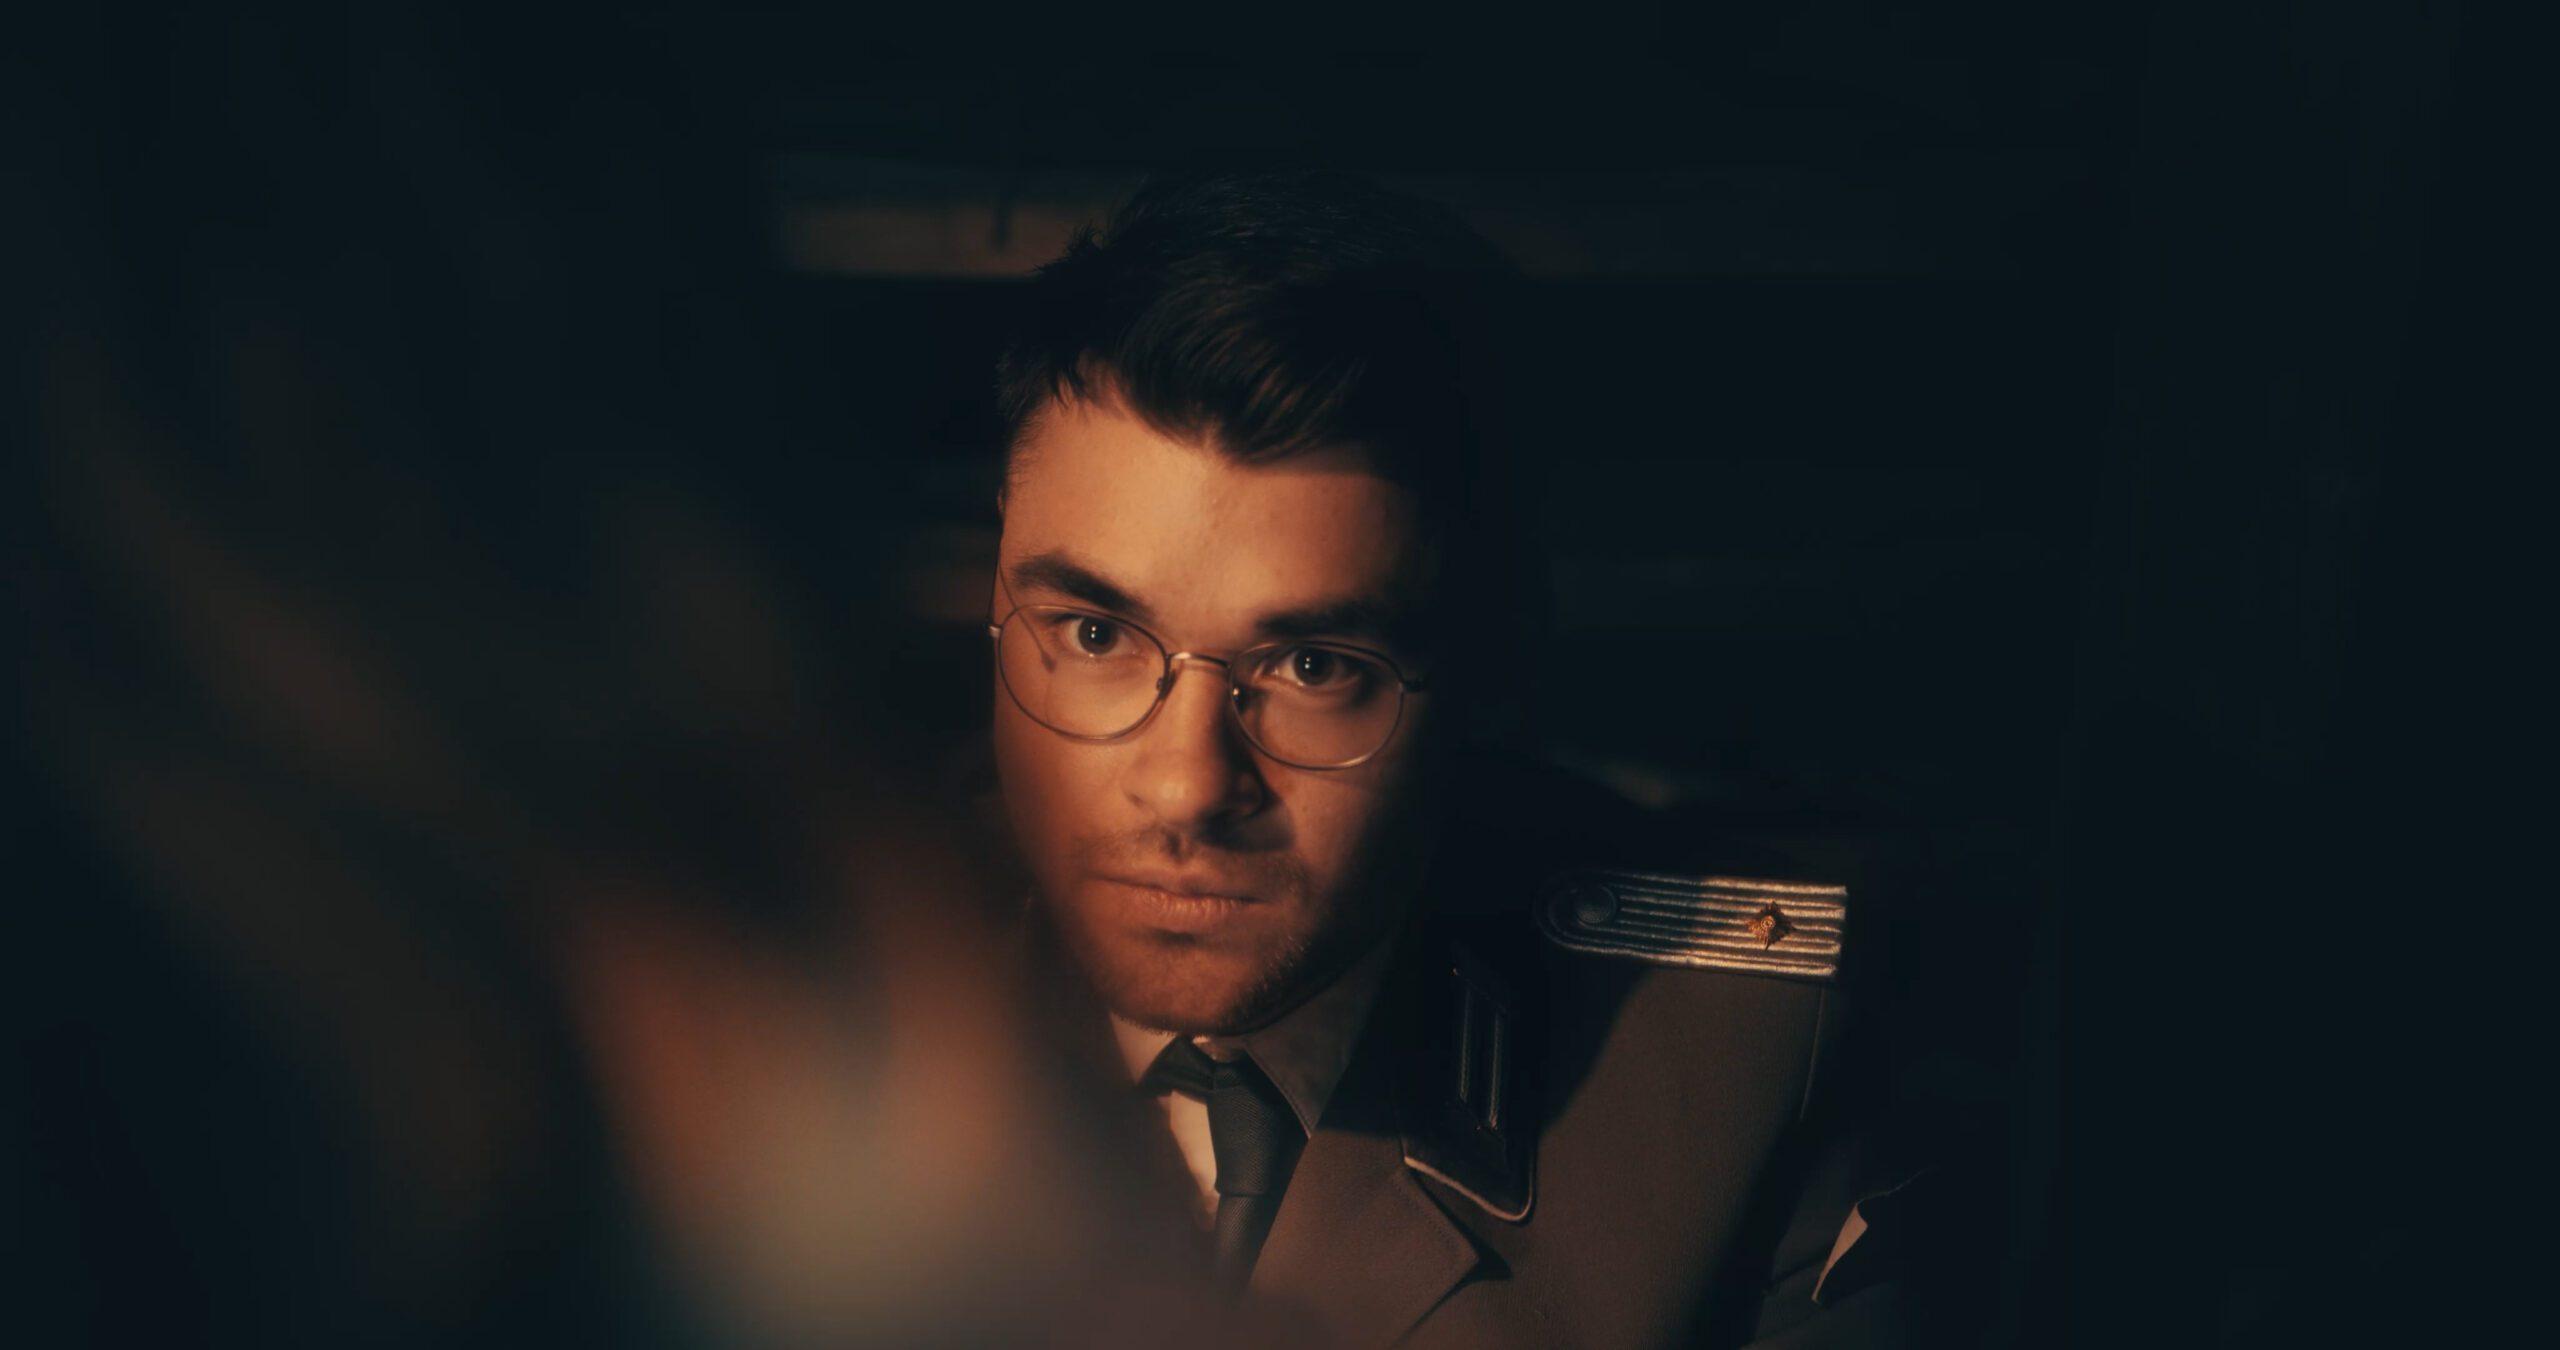 Benjamin Lehmann als Stasi Offizier in dem Kurzfilm Zwischen den Ufern